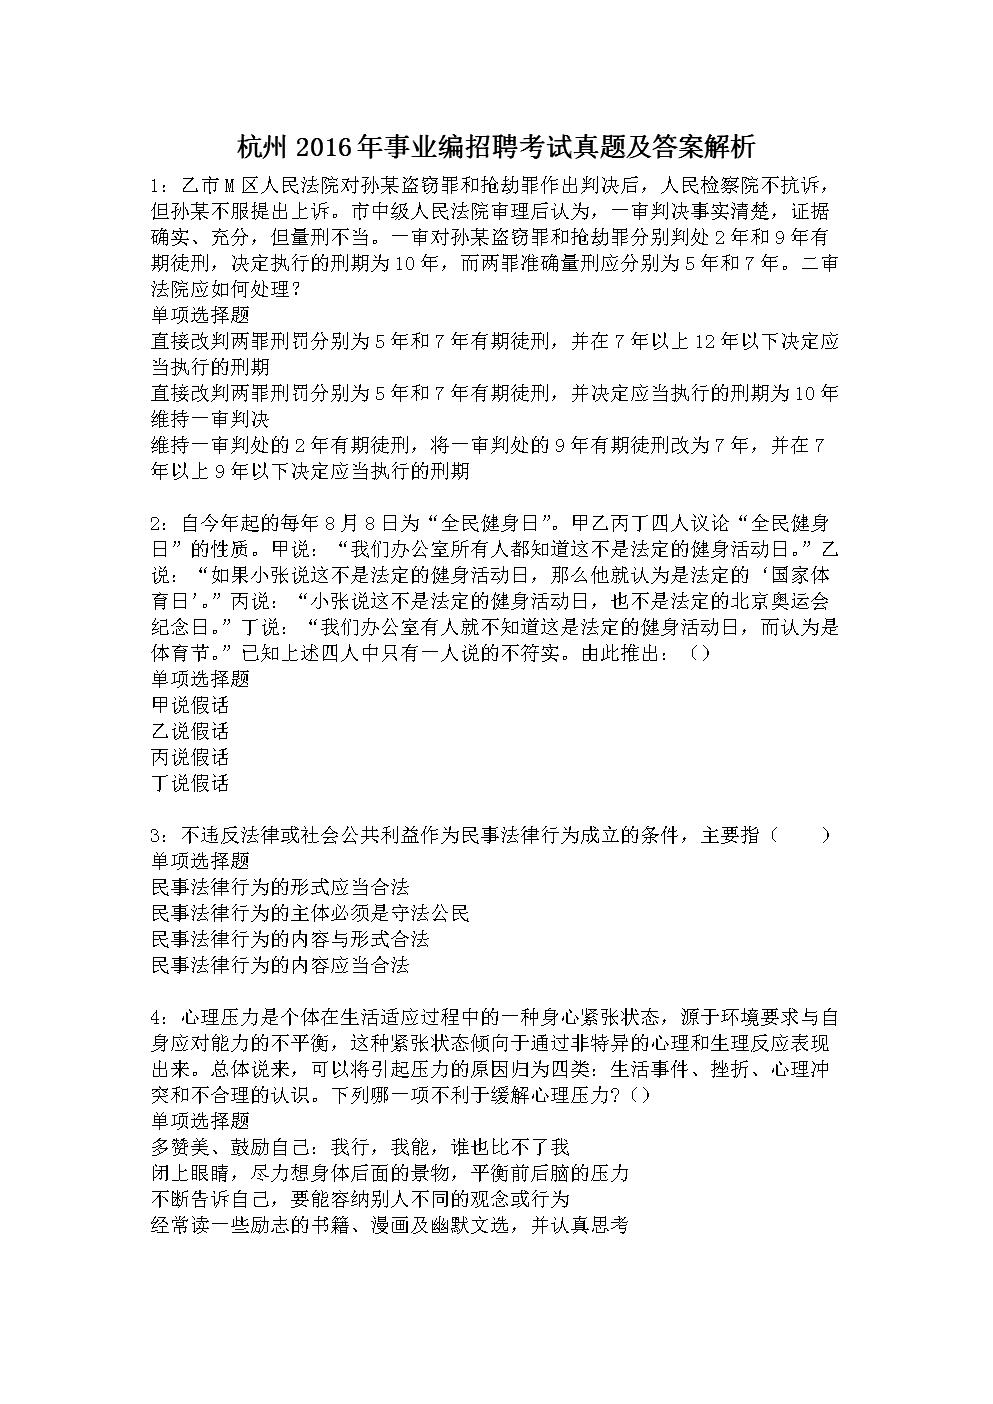 杭州2016年事業編招聘考試真題及答案解1 - 副本.docx